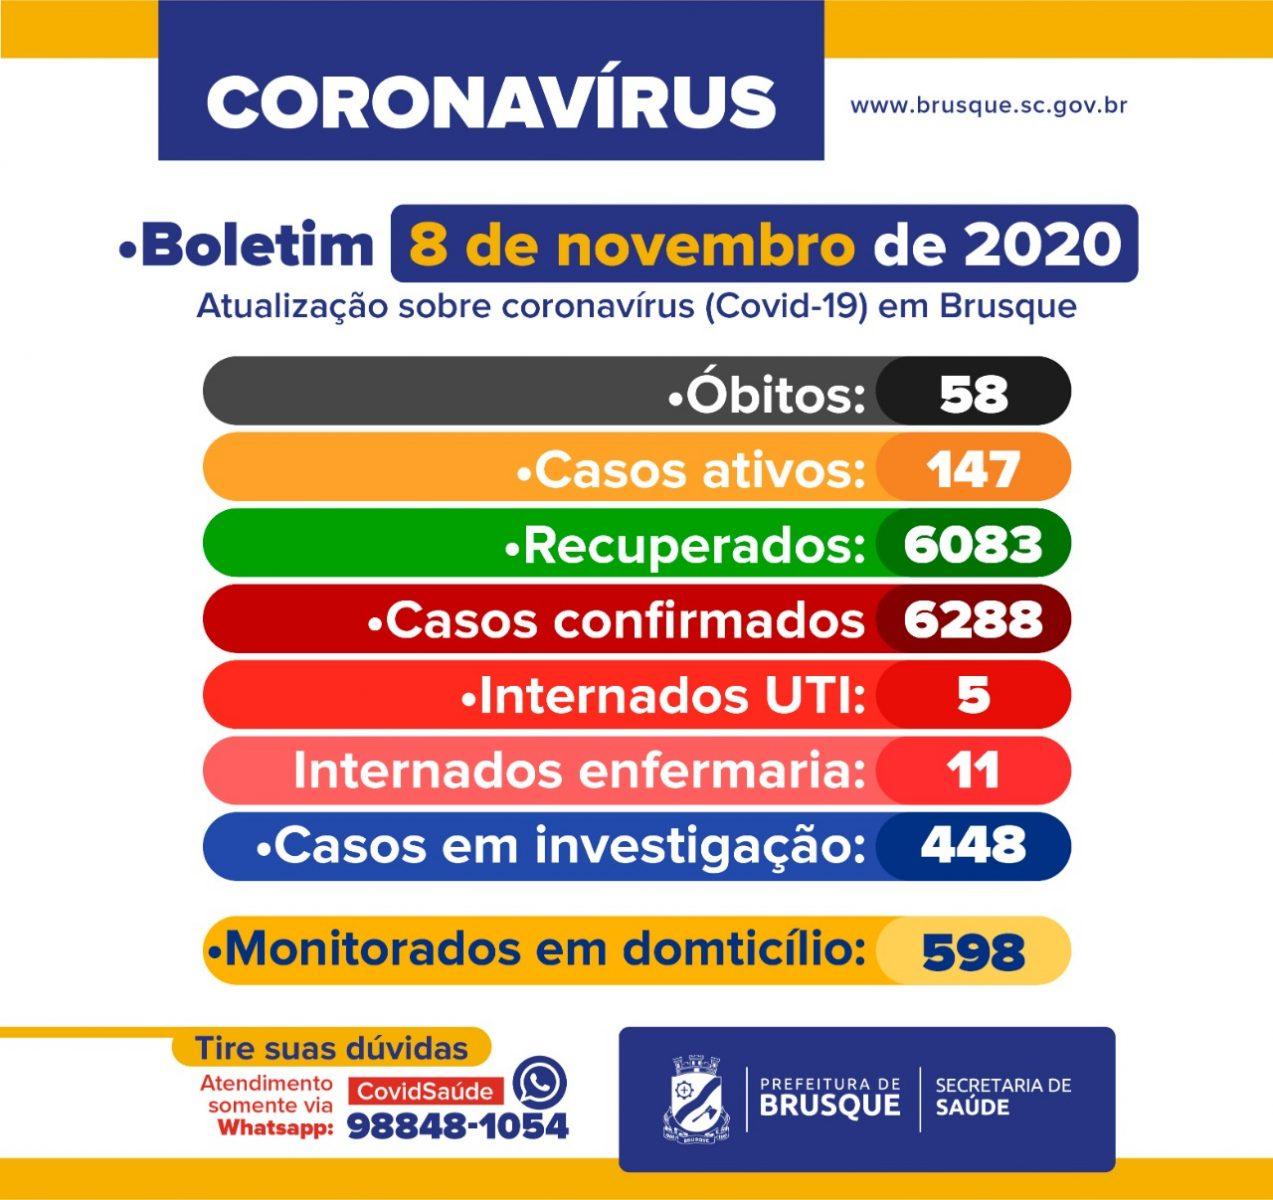 Confira o boletim epidemiológico deste domingo, 08 de novembro